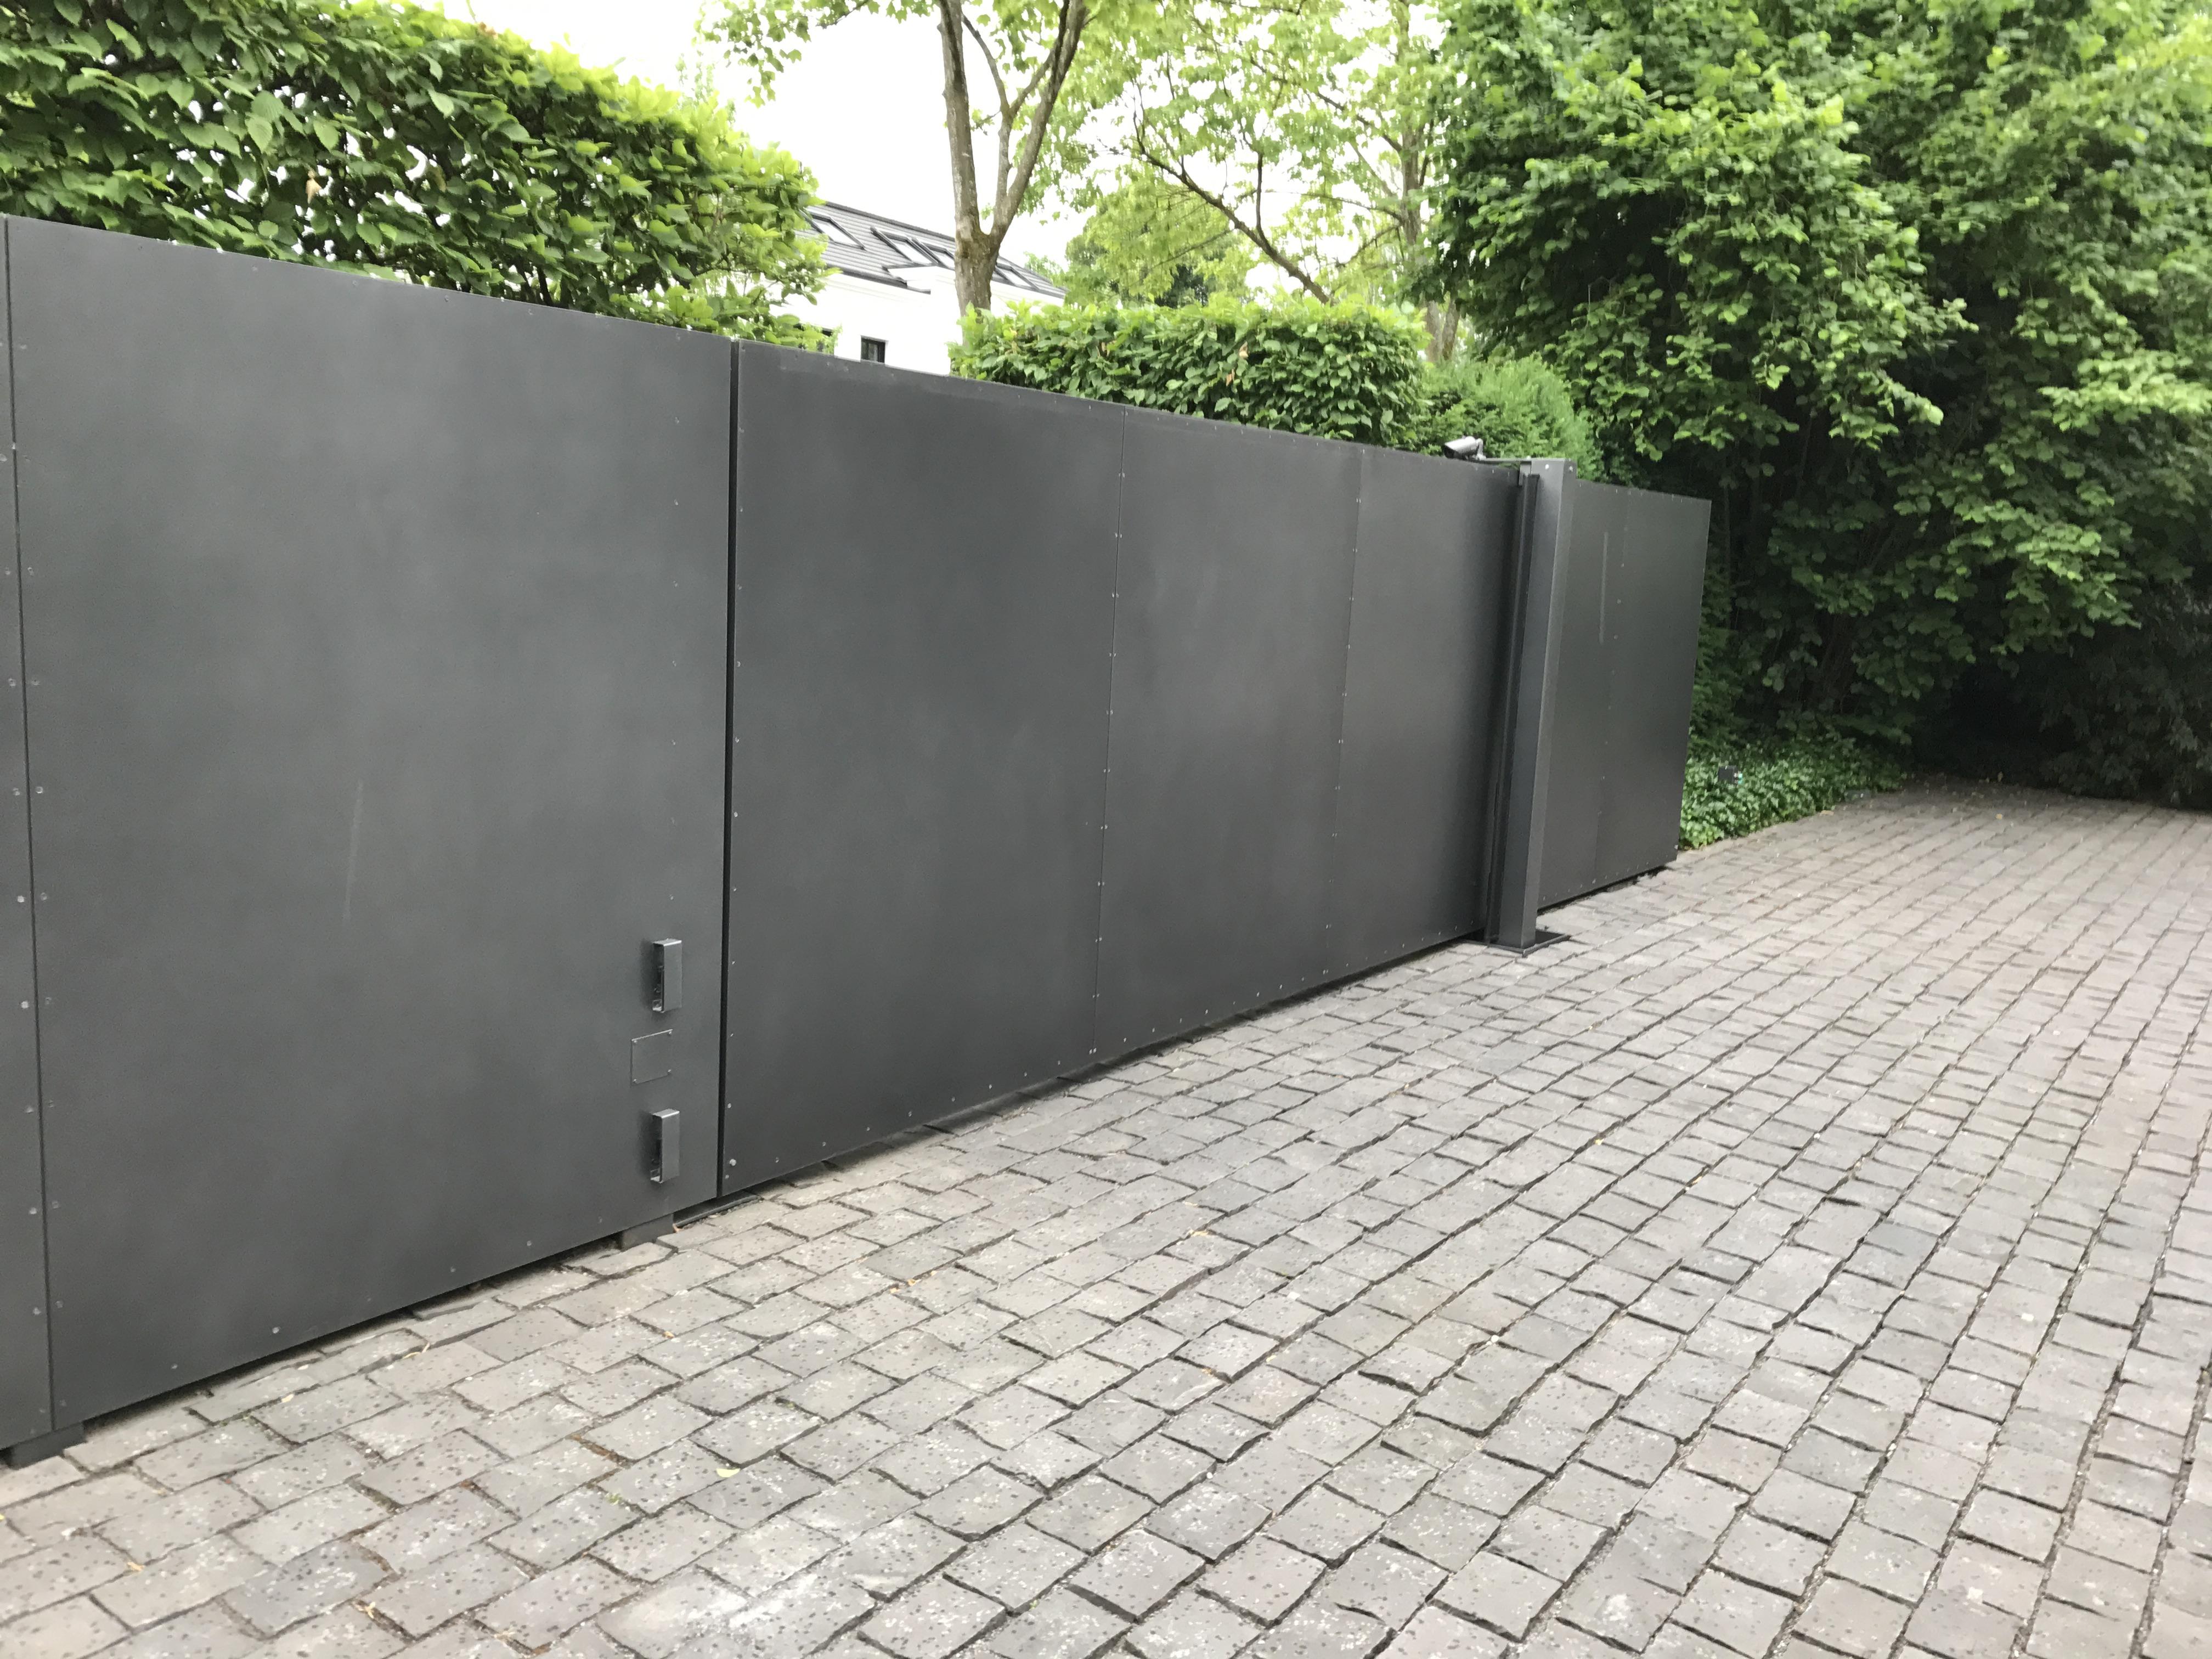 blau-metalbau-haan-gartenbau-schiebetor-motorisiert-toranlage-stahl-verzinkt-grau